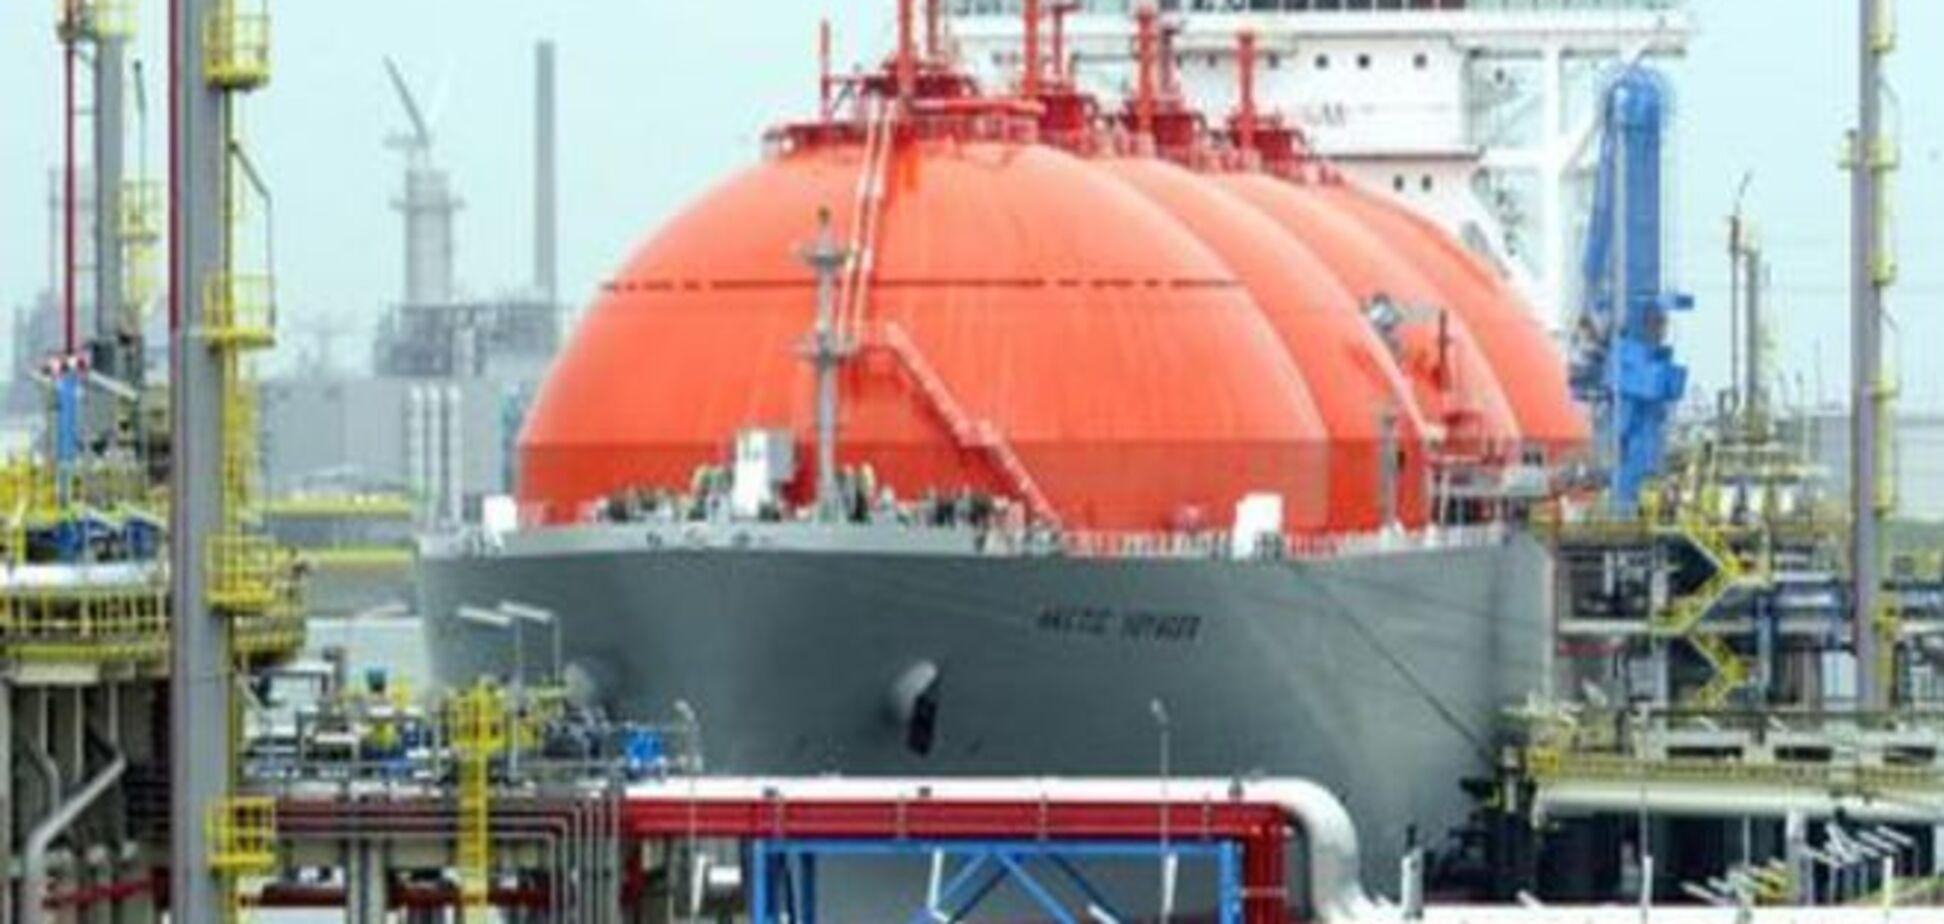 Компанія з США може побудувати термінал для прийому зрідженого газу в Україні